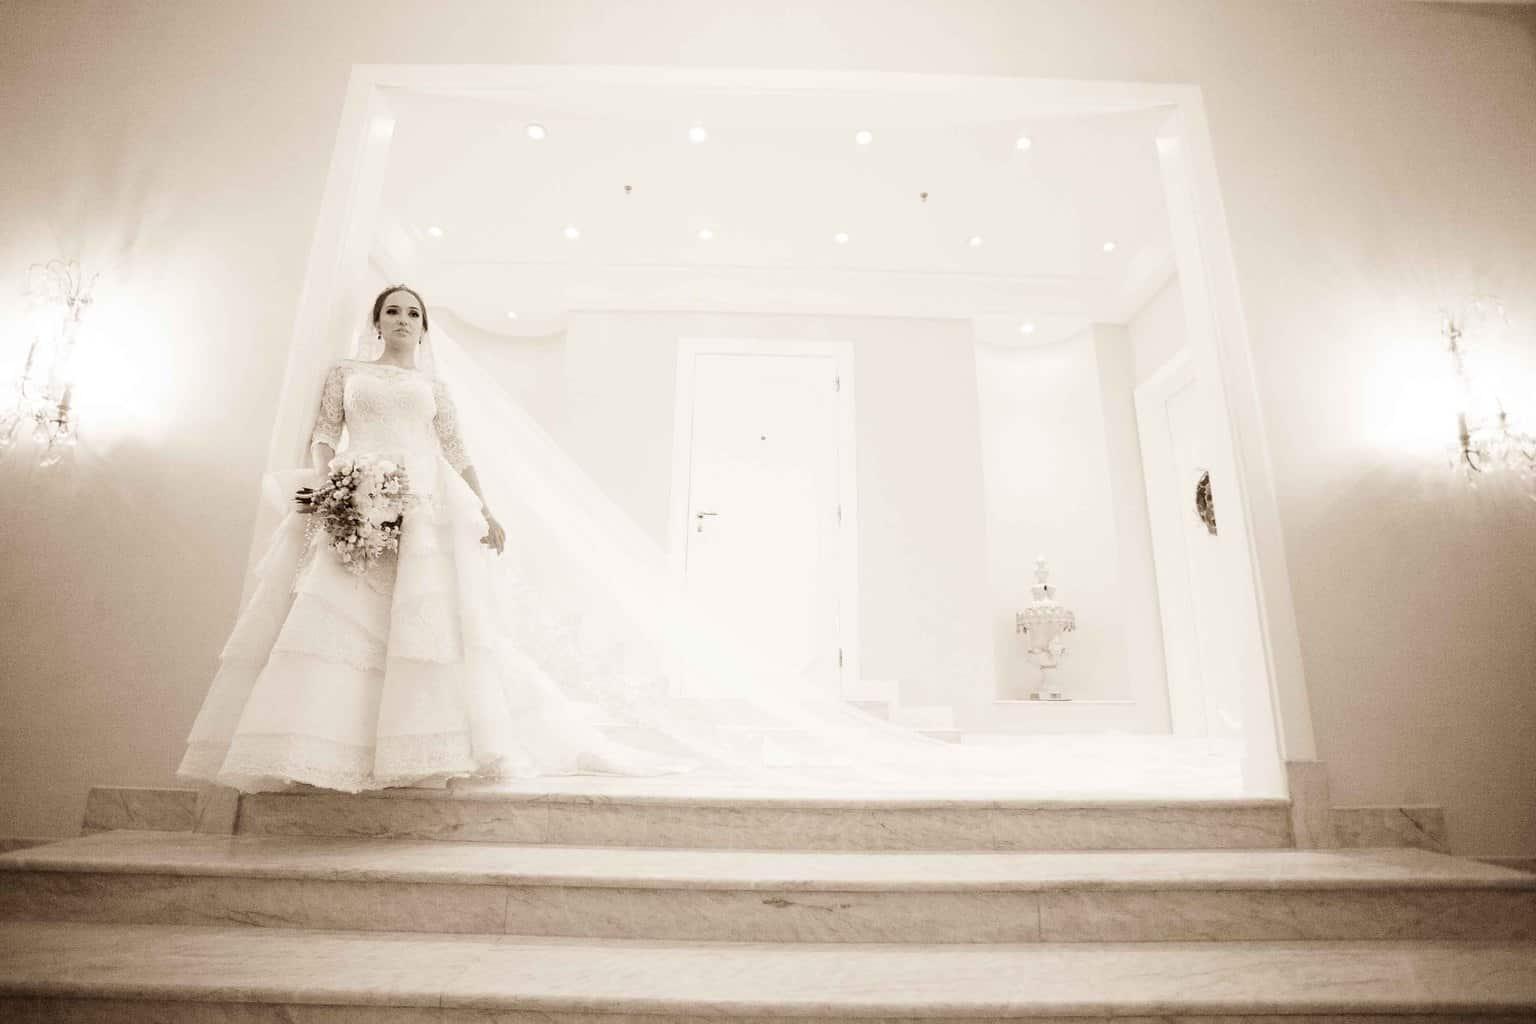 Casamento-Clássico-Casamento-tradicional-Copacabana-Palace-Monica-Roias-Poses-noiva-Ribas-Foto-e-Vídeo-Silvio-Cruz-Tuanny-e-Bernardo-CaseMe